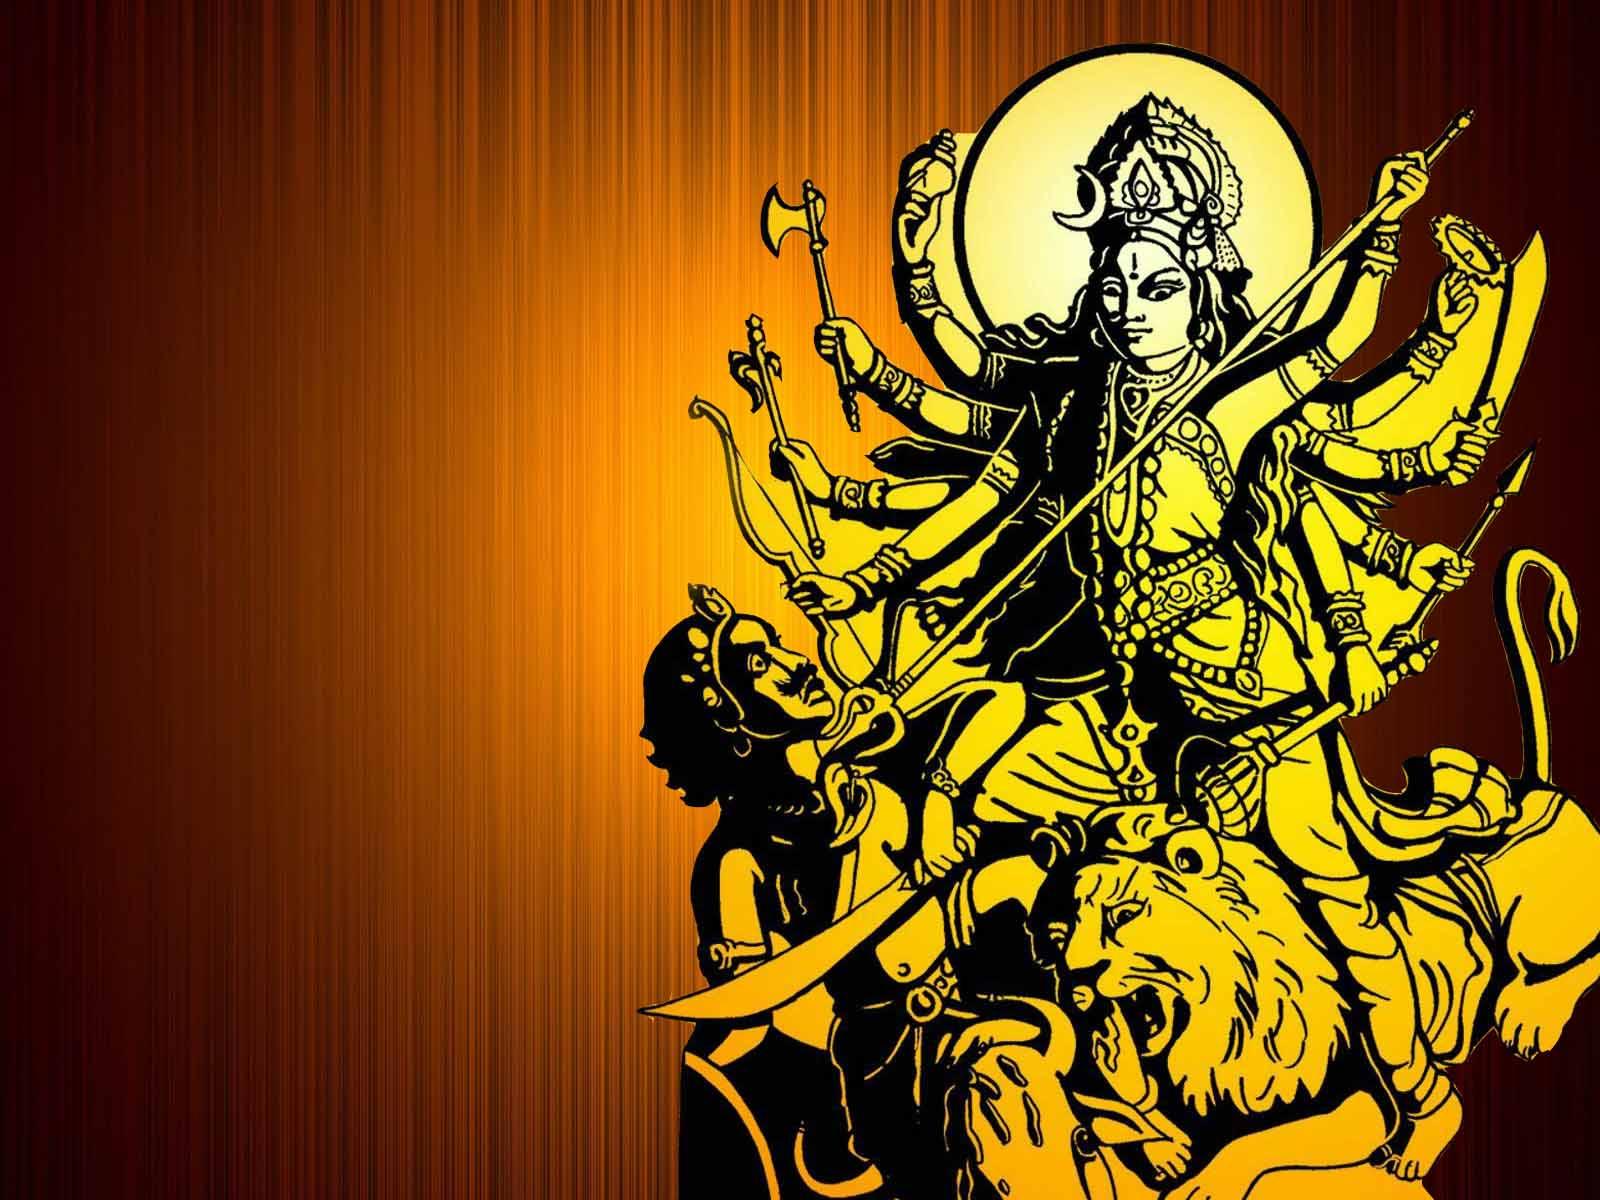 Maa Kali Images Maa Kali Wallpapers Maa Kali Photos Maa Kali Hd